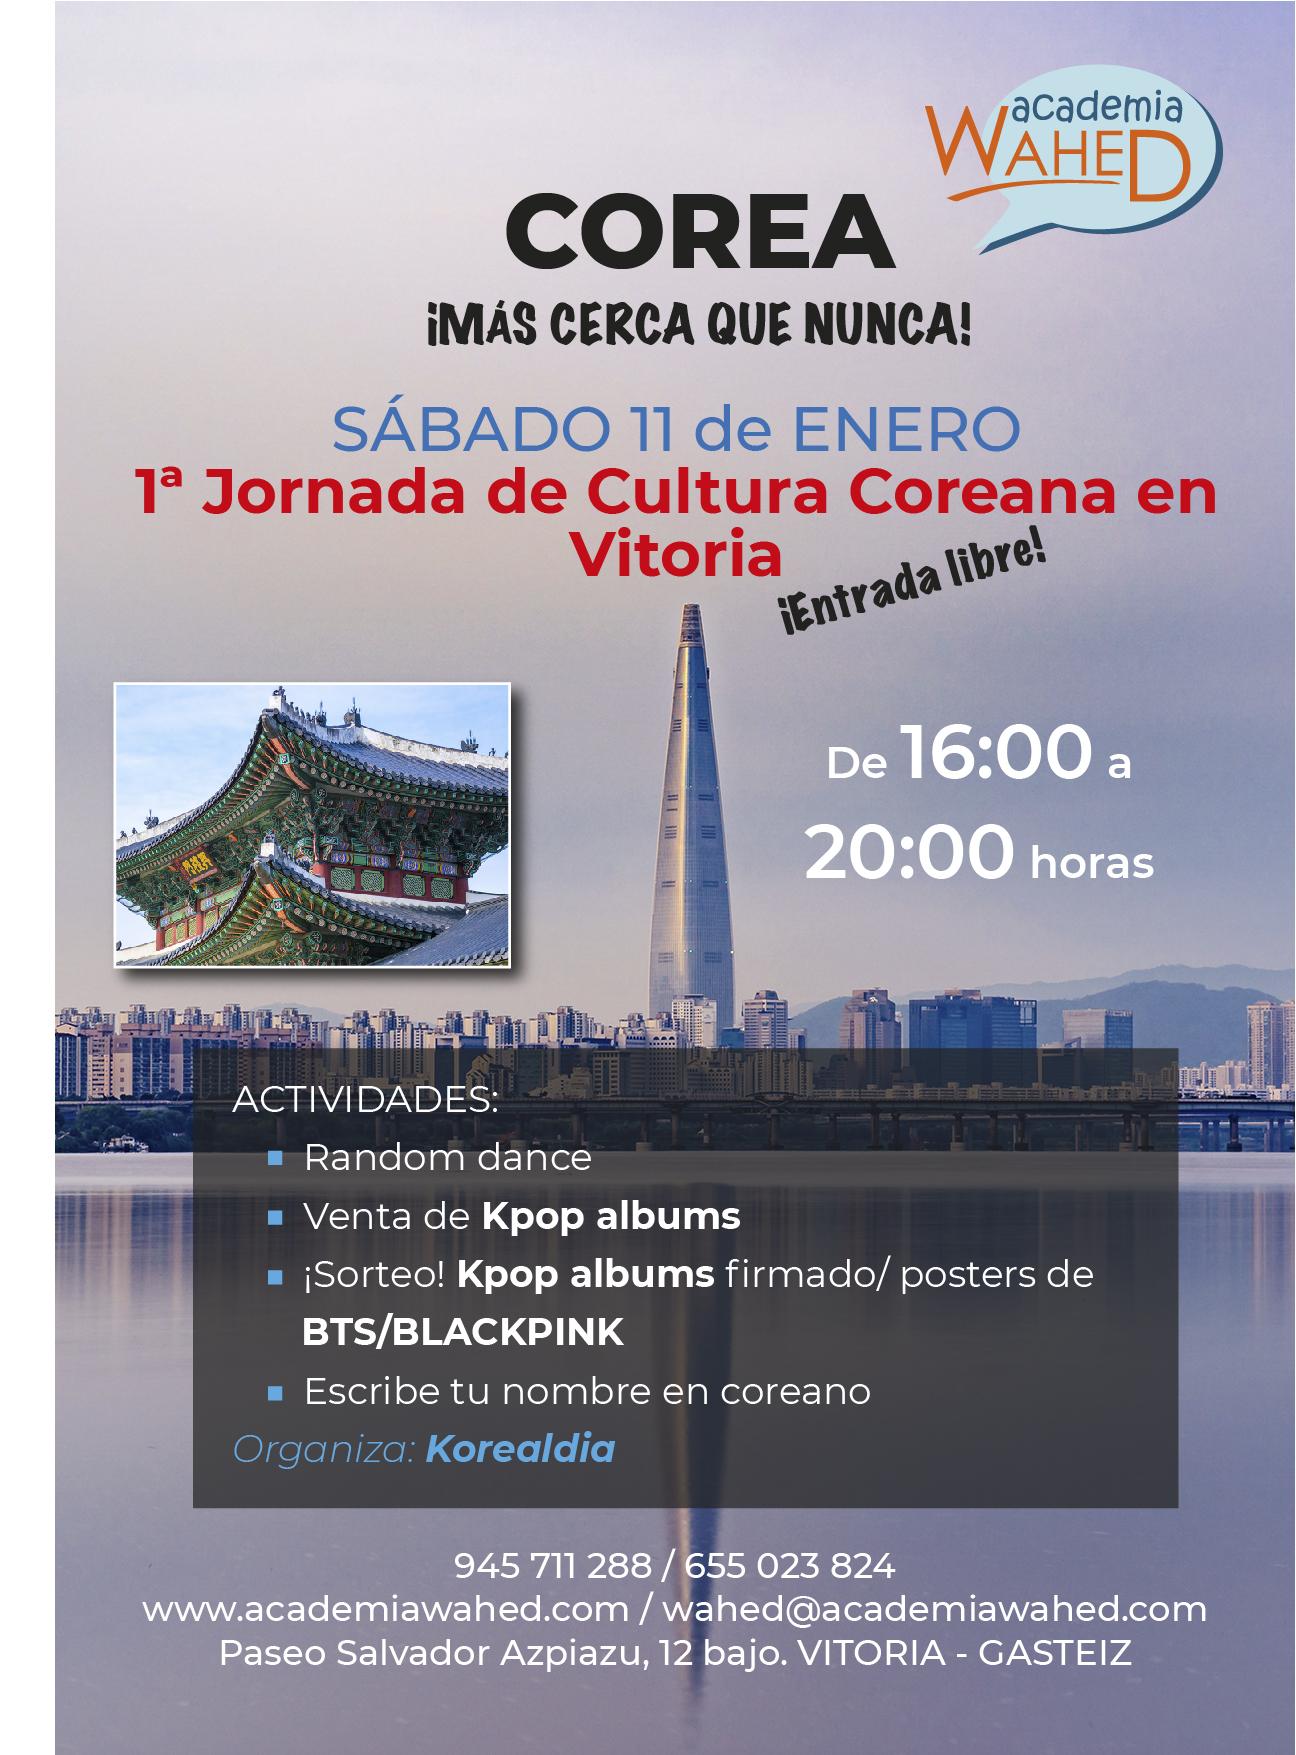 Wahed-evento coreano enero 20